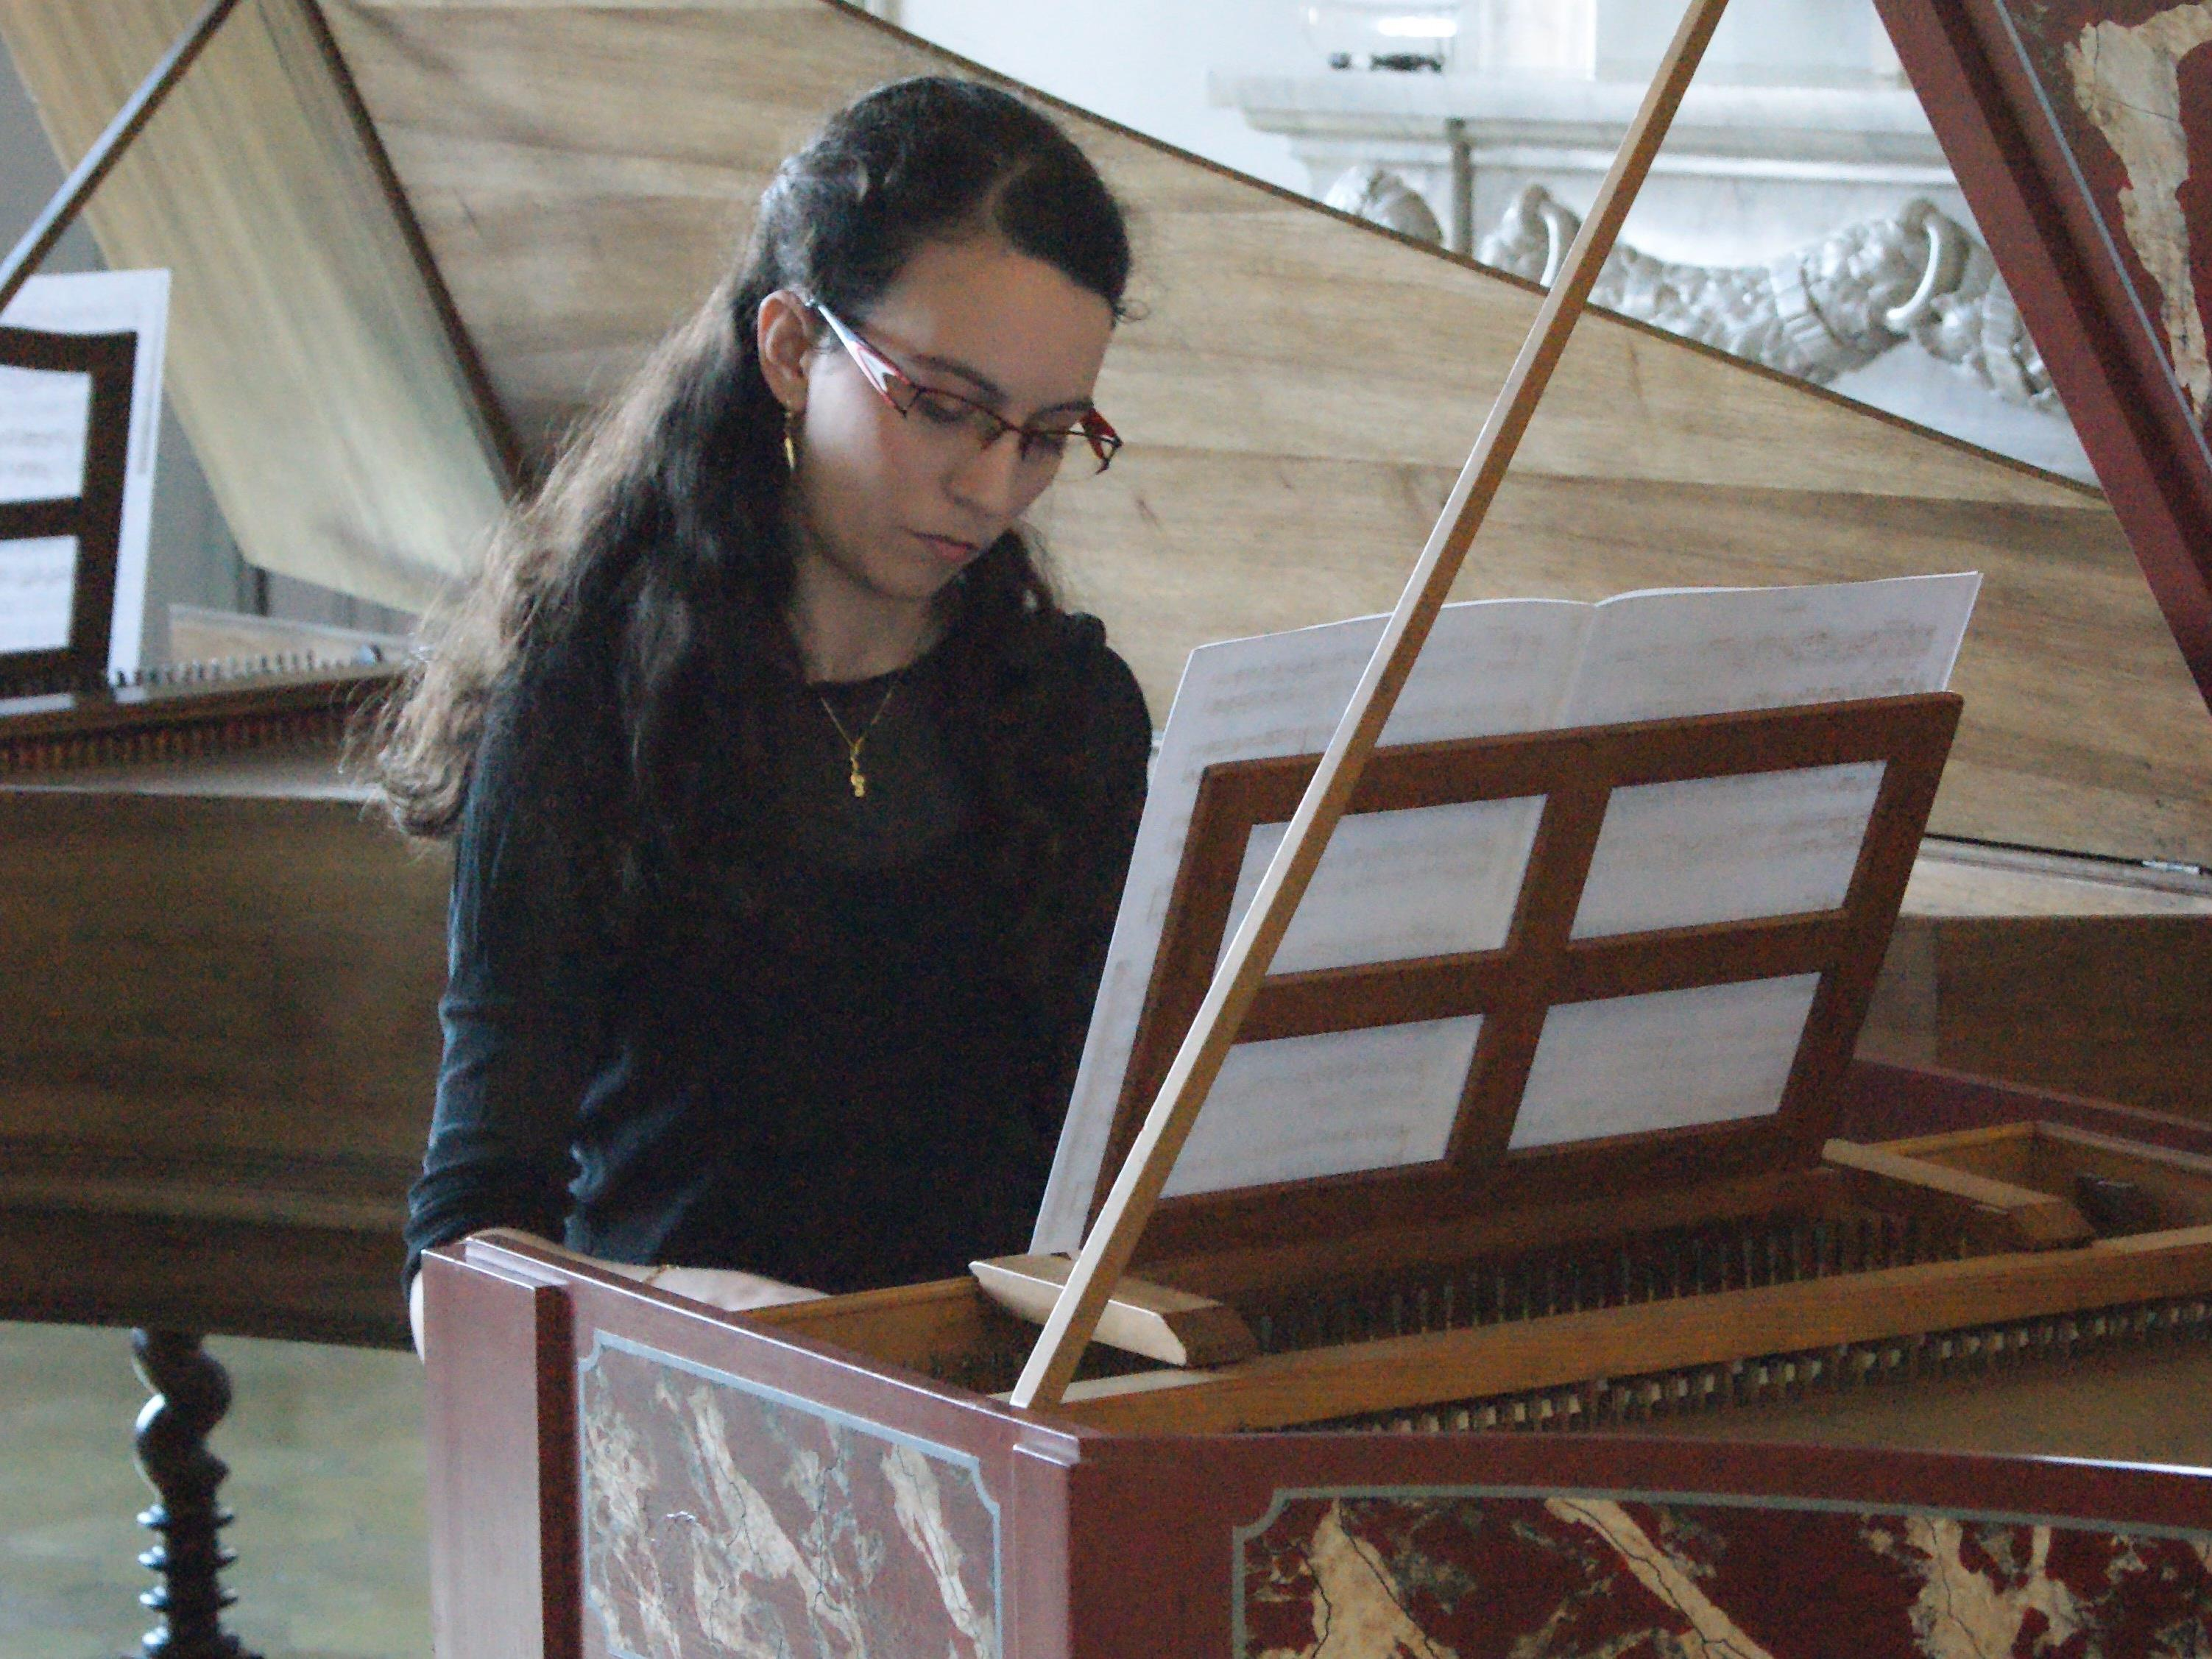 Eva-Maria Hamberger spielt Teile aus ihrem Master-Konzertprogramm.